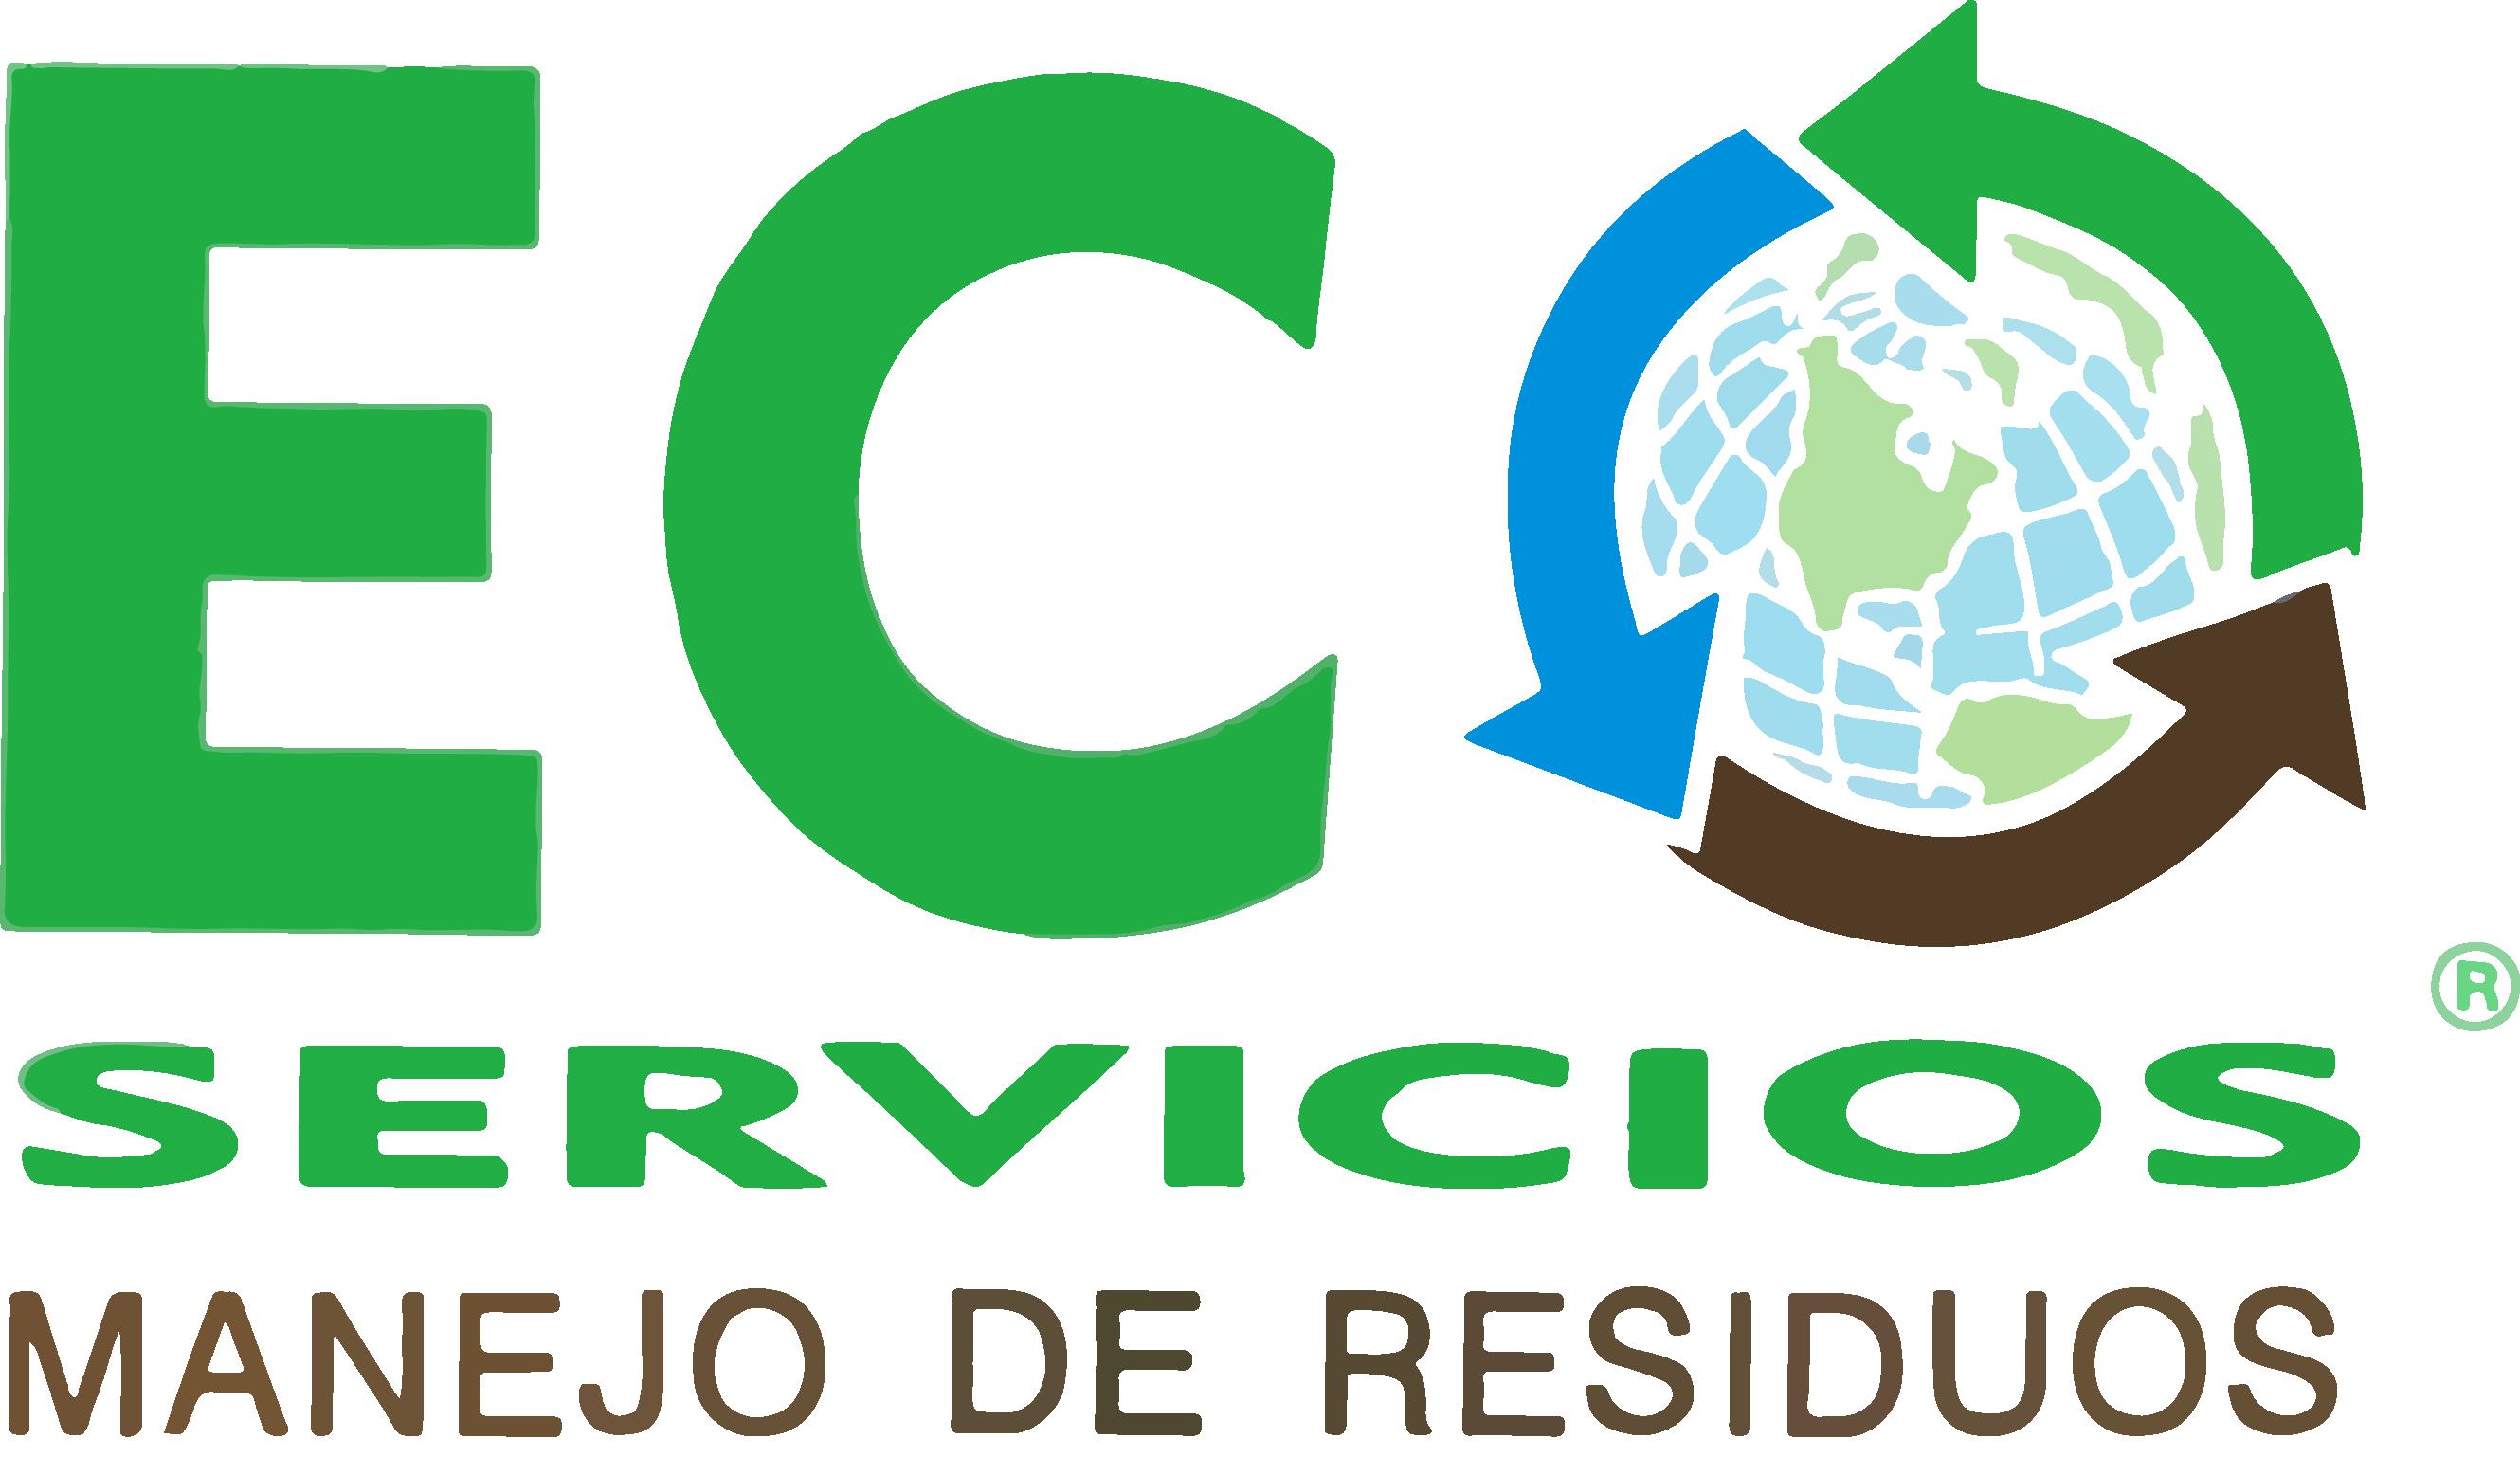 Eco Servicios